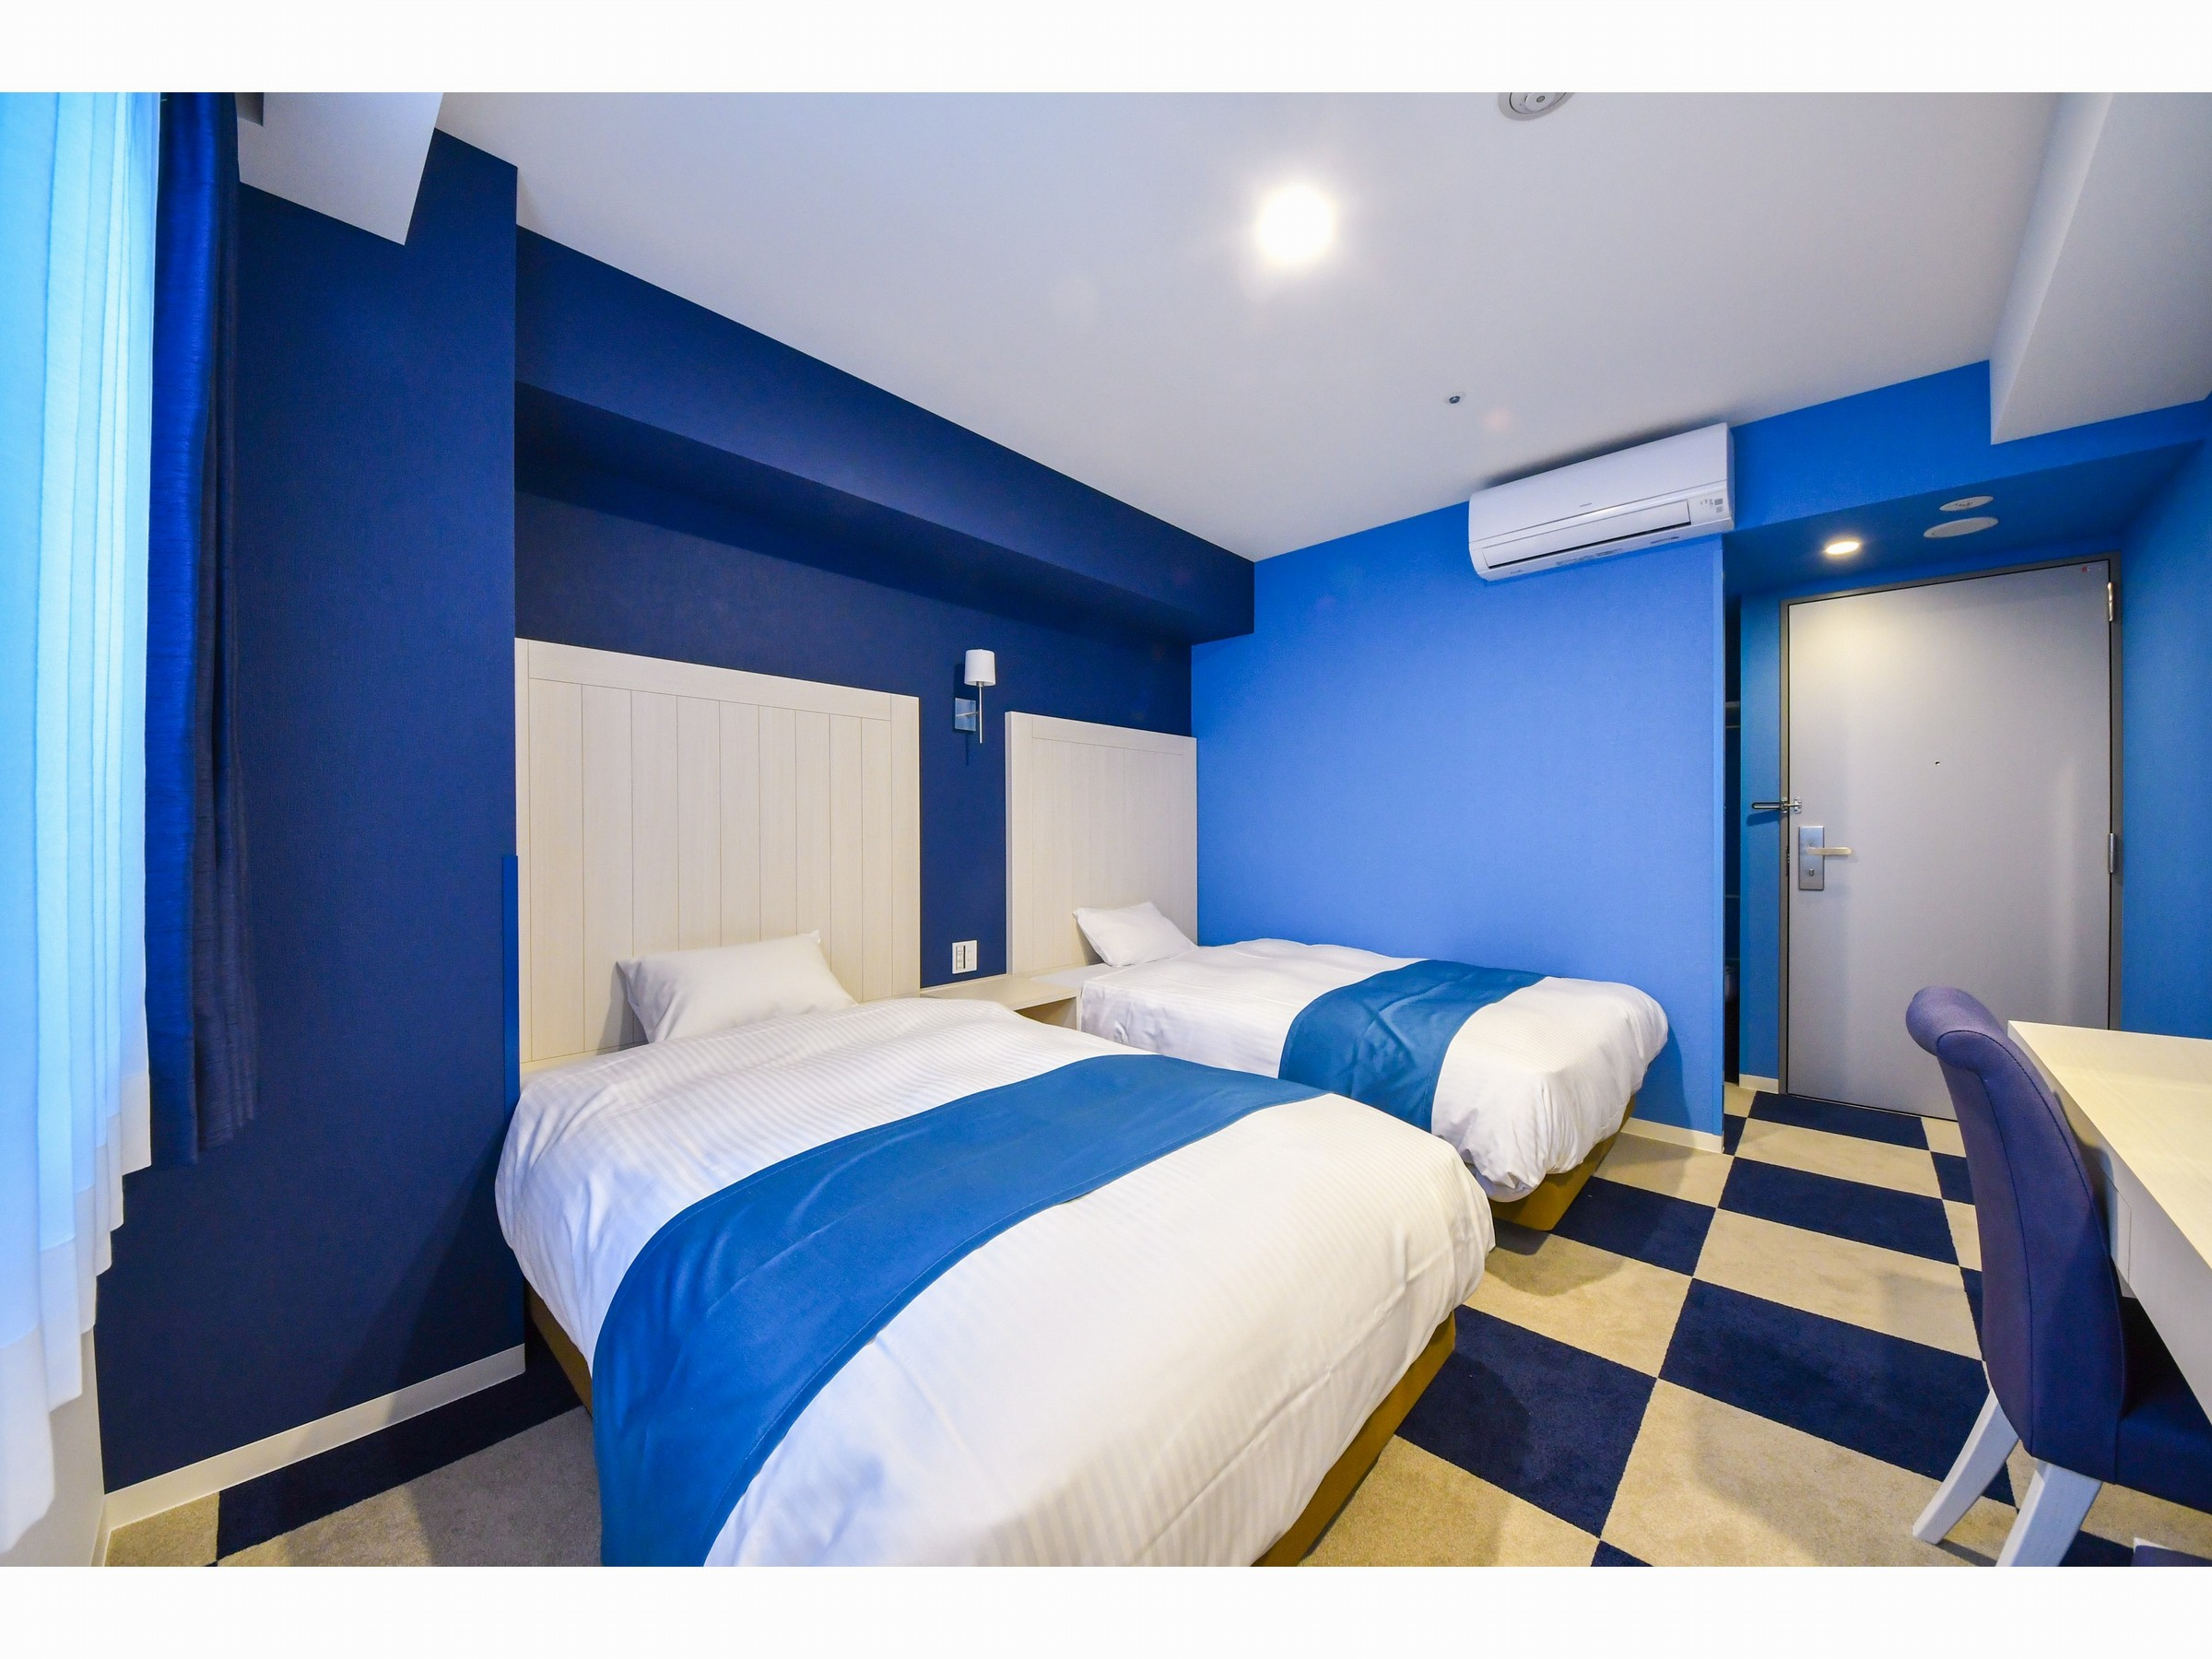 ホテルウィングインターナショナルセレクト名古屋栄 ツインルーム